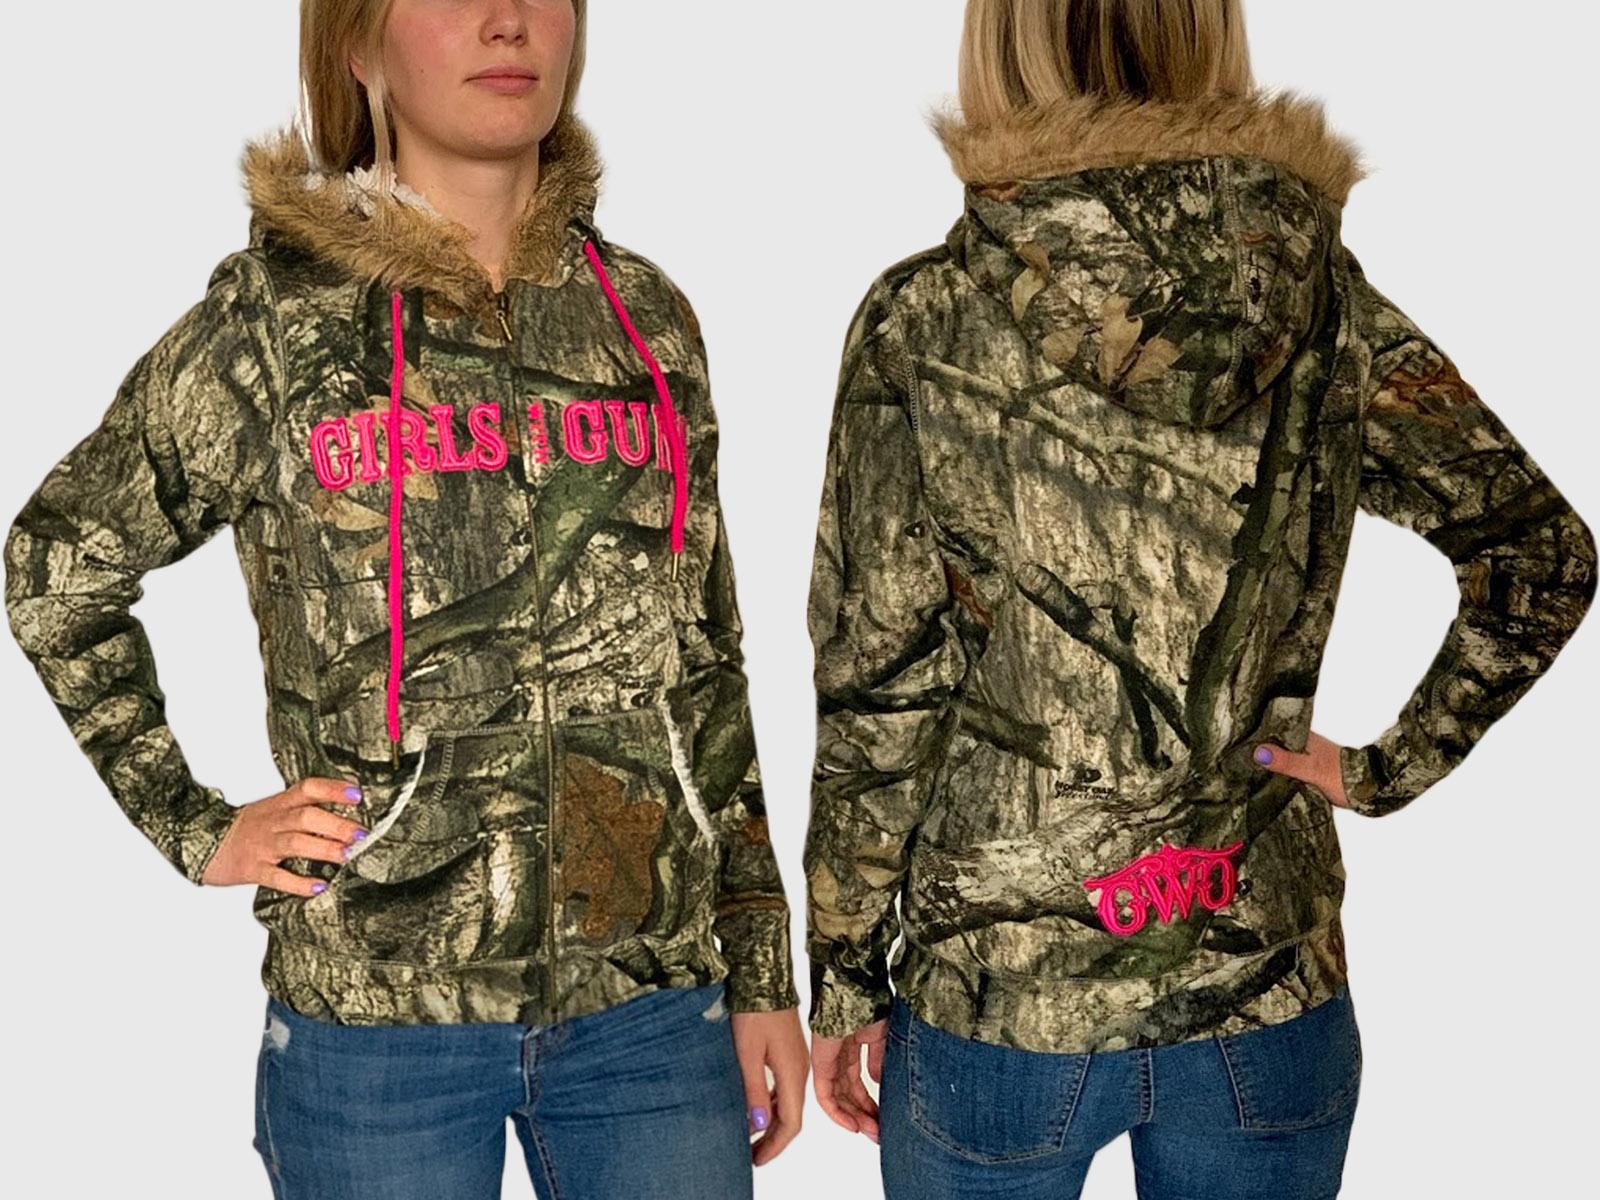 Женская утепленная куртка-толстовка Girls with guns